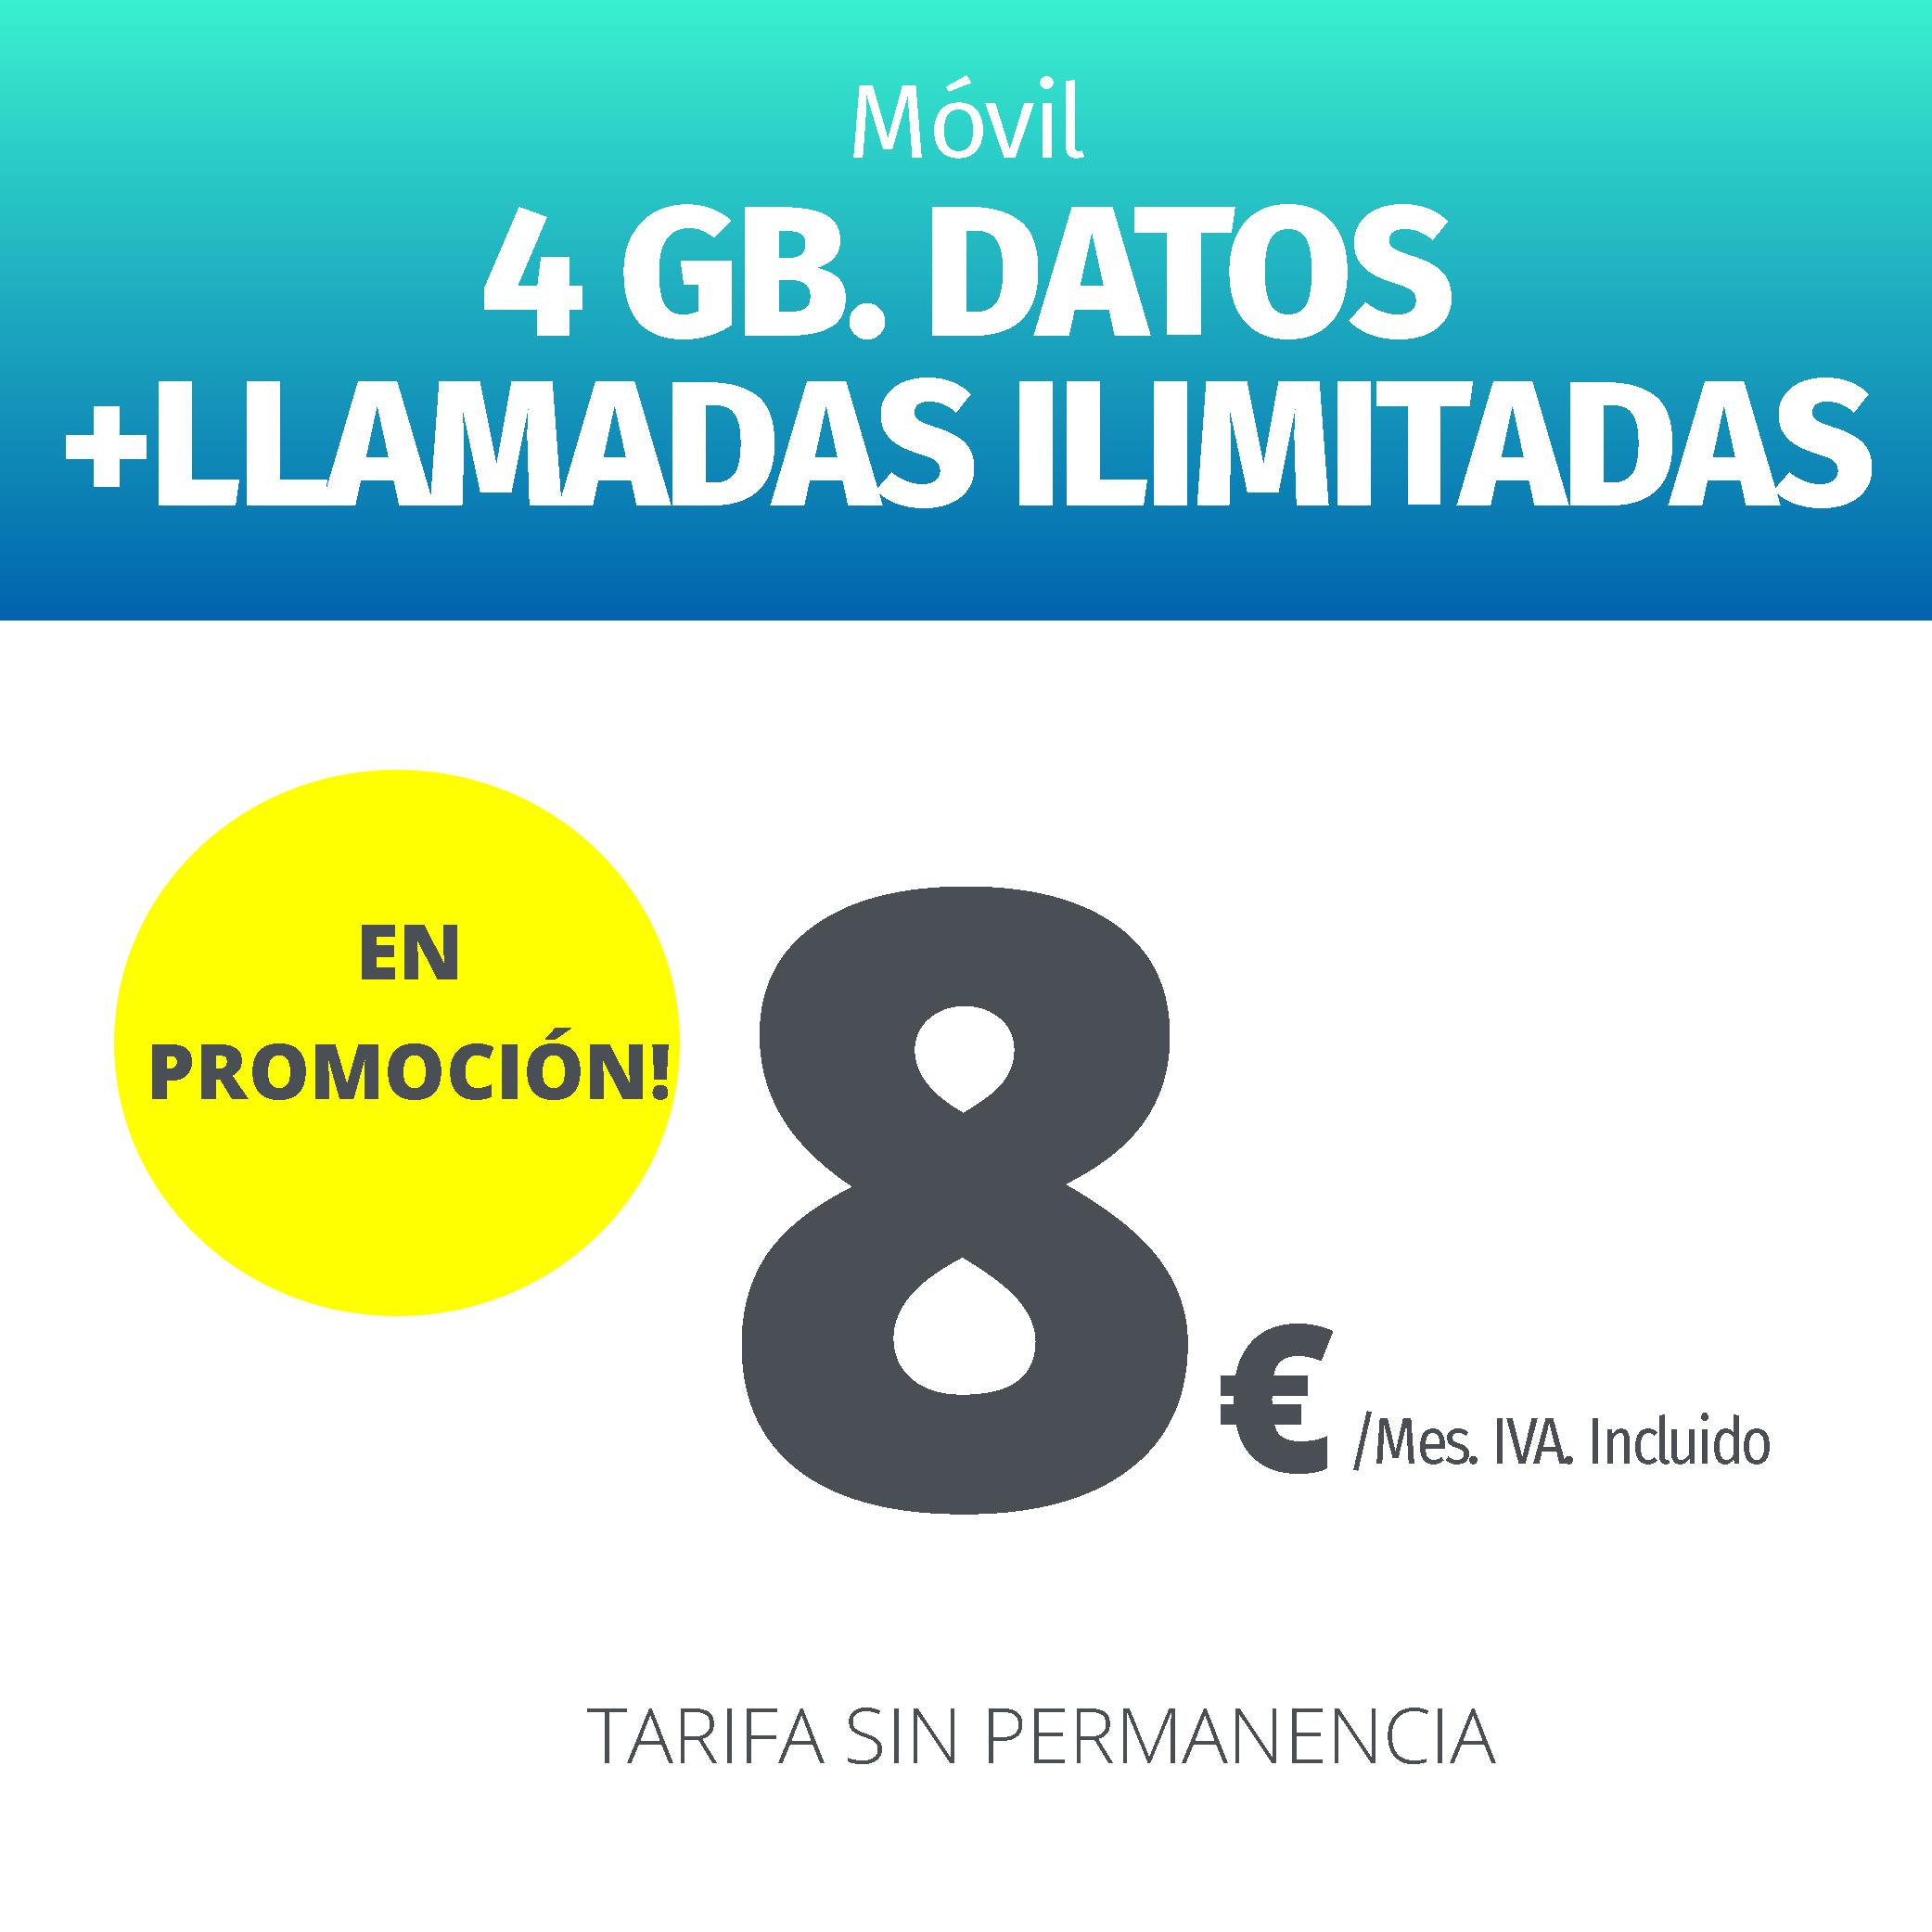 BLAVEO llamadas ilimitadas + 4 Gb de datos 8 €